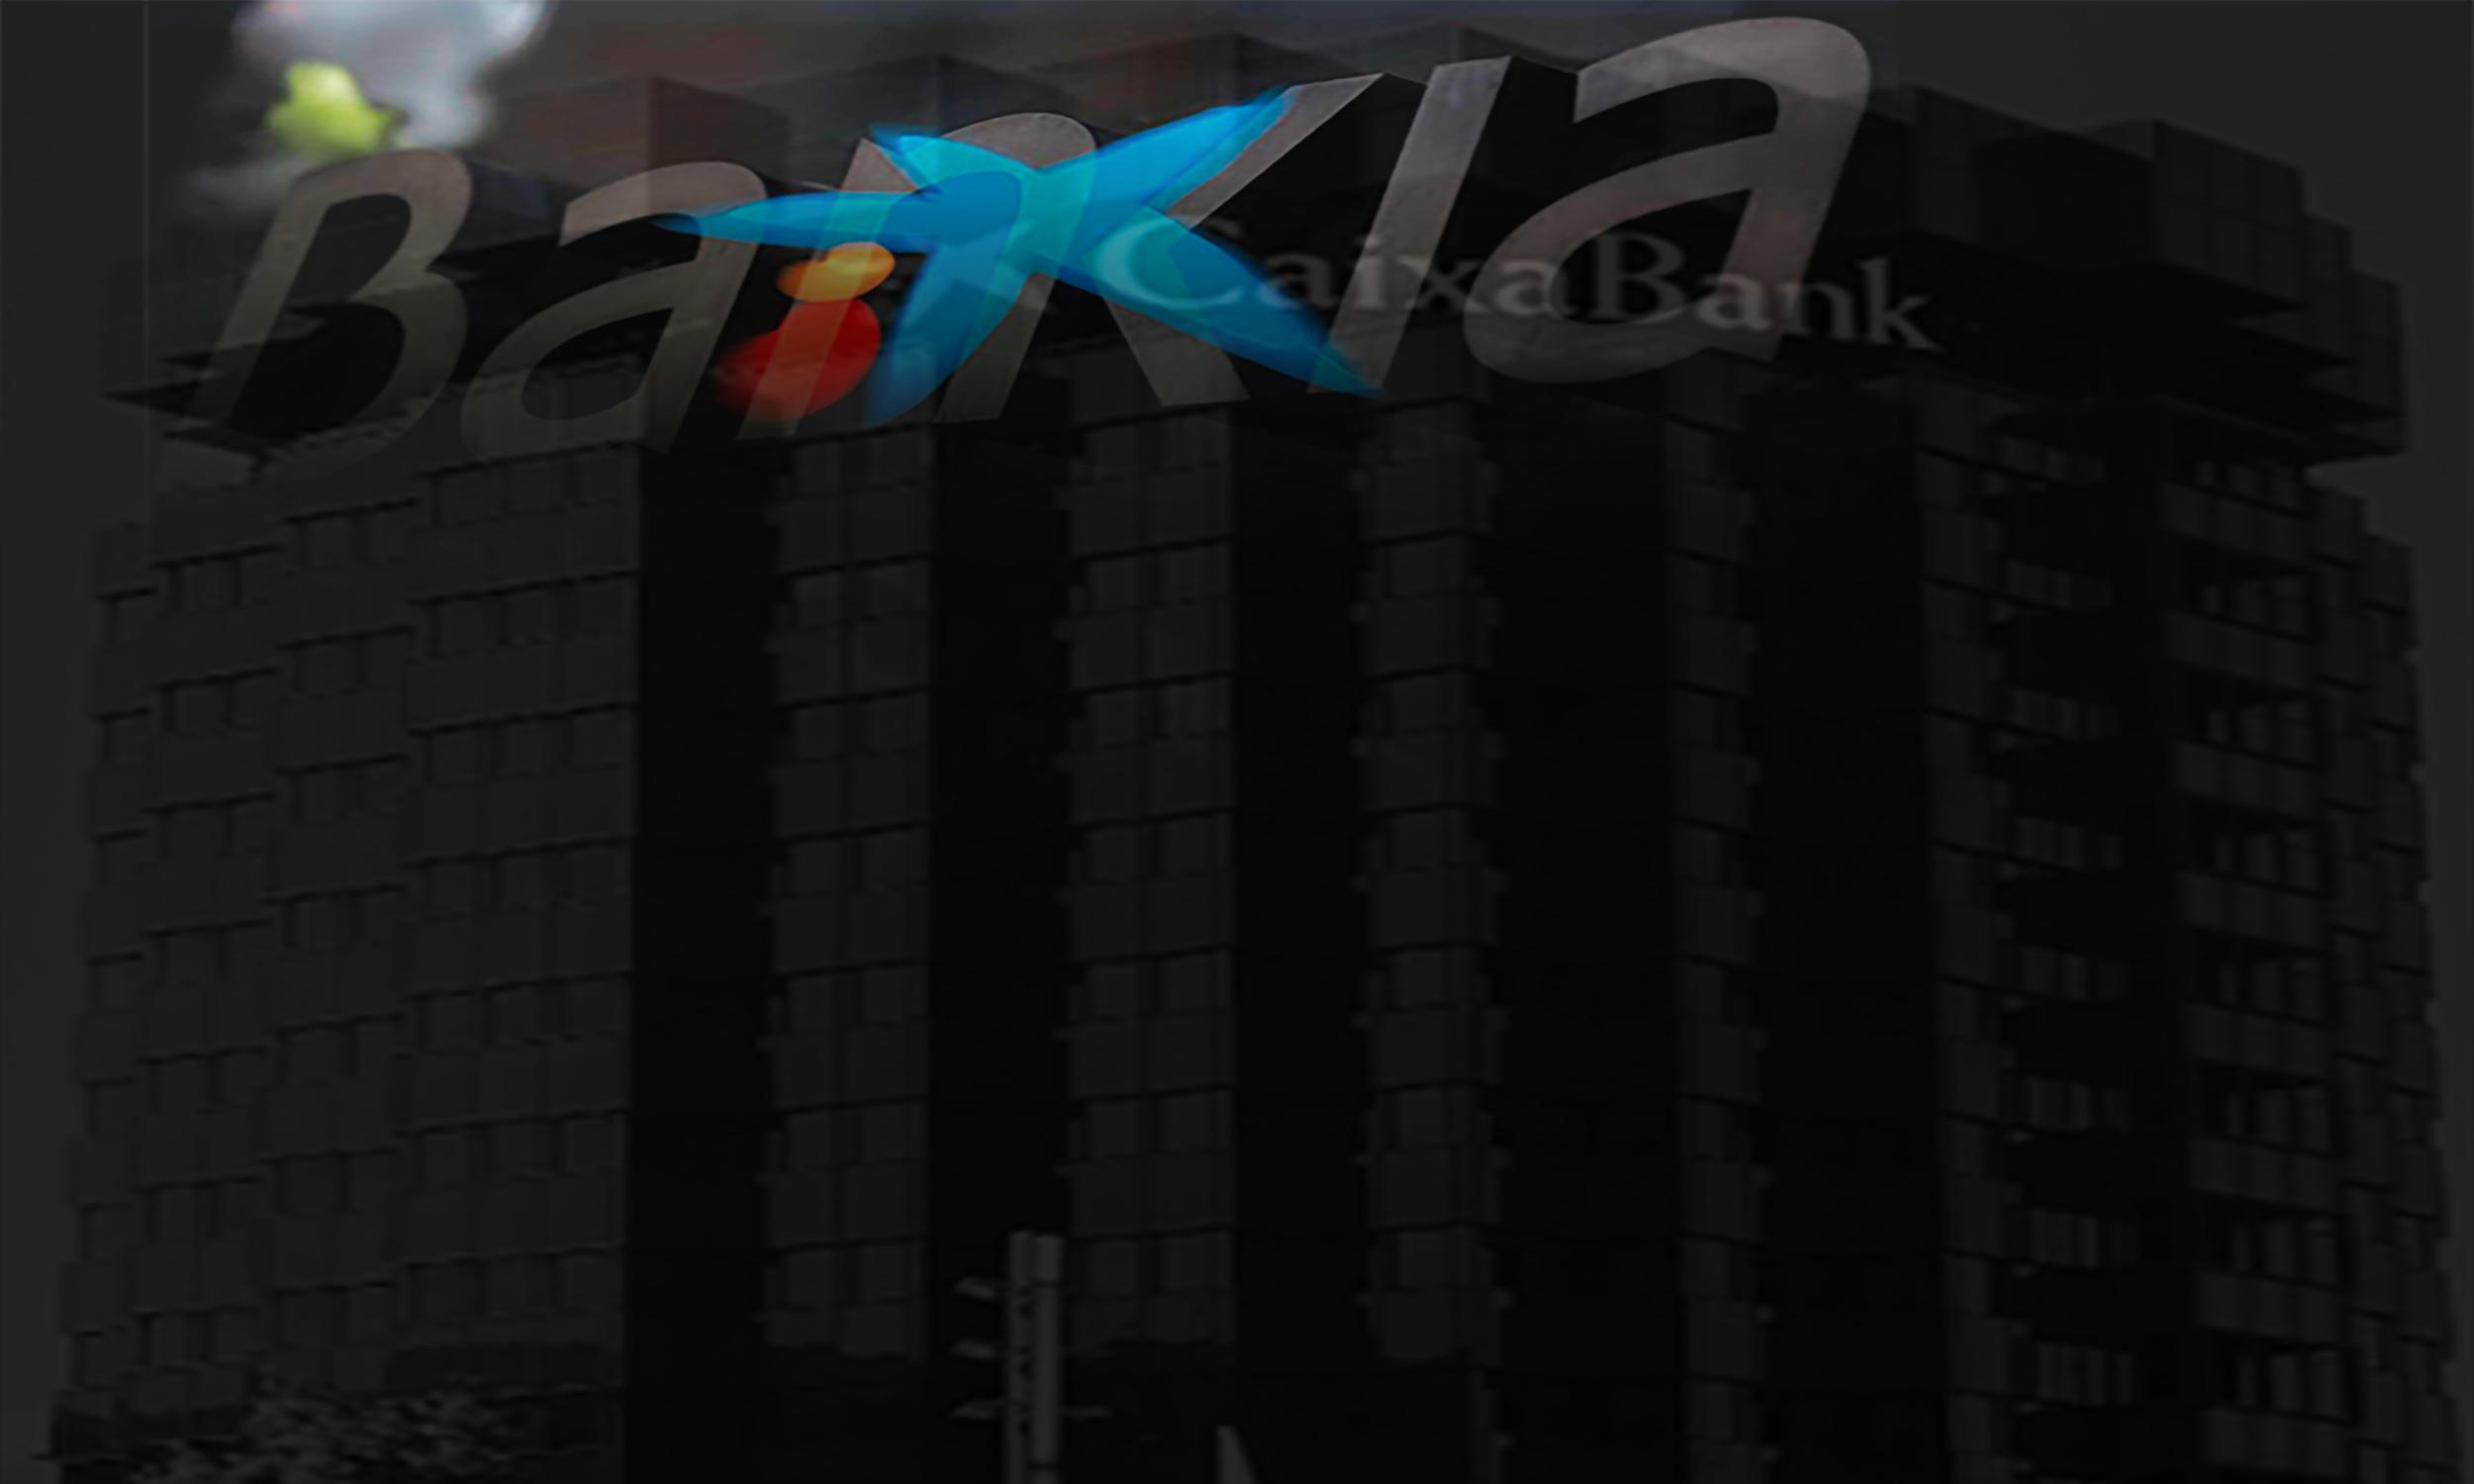 ADICAE debate la fusión de CaixaBank y Bankia y el futuro de la banca